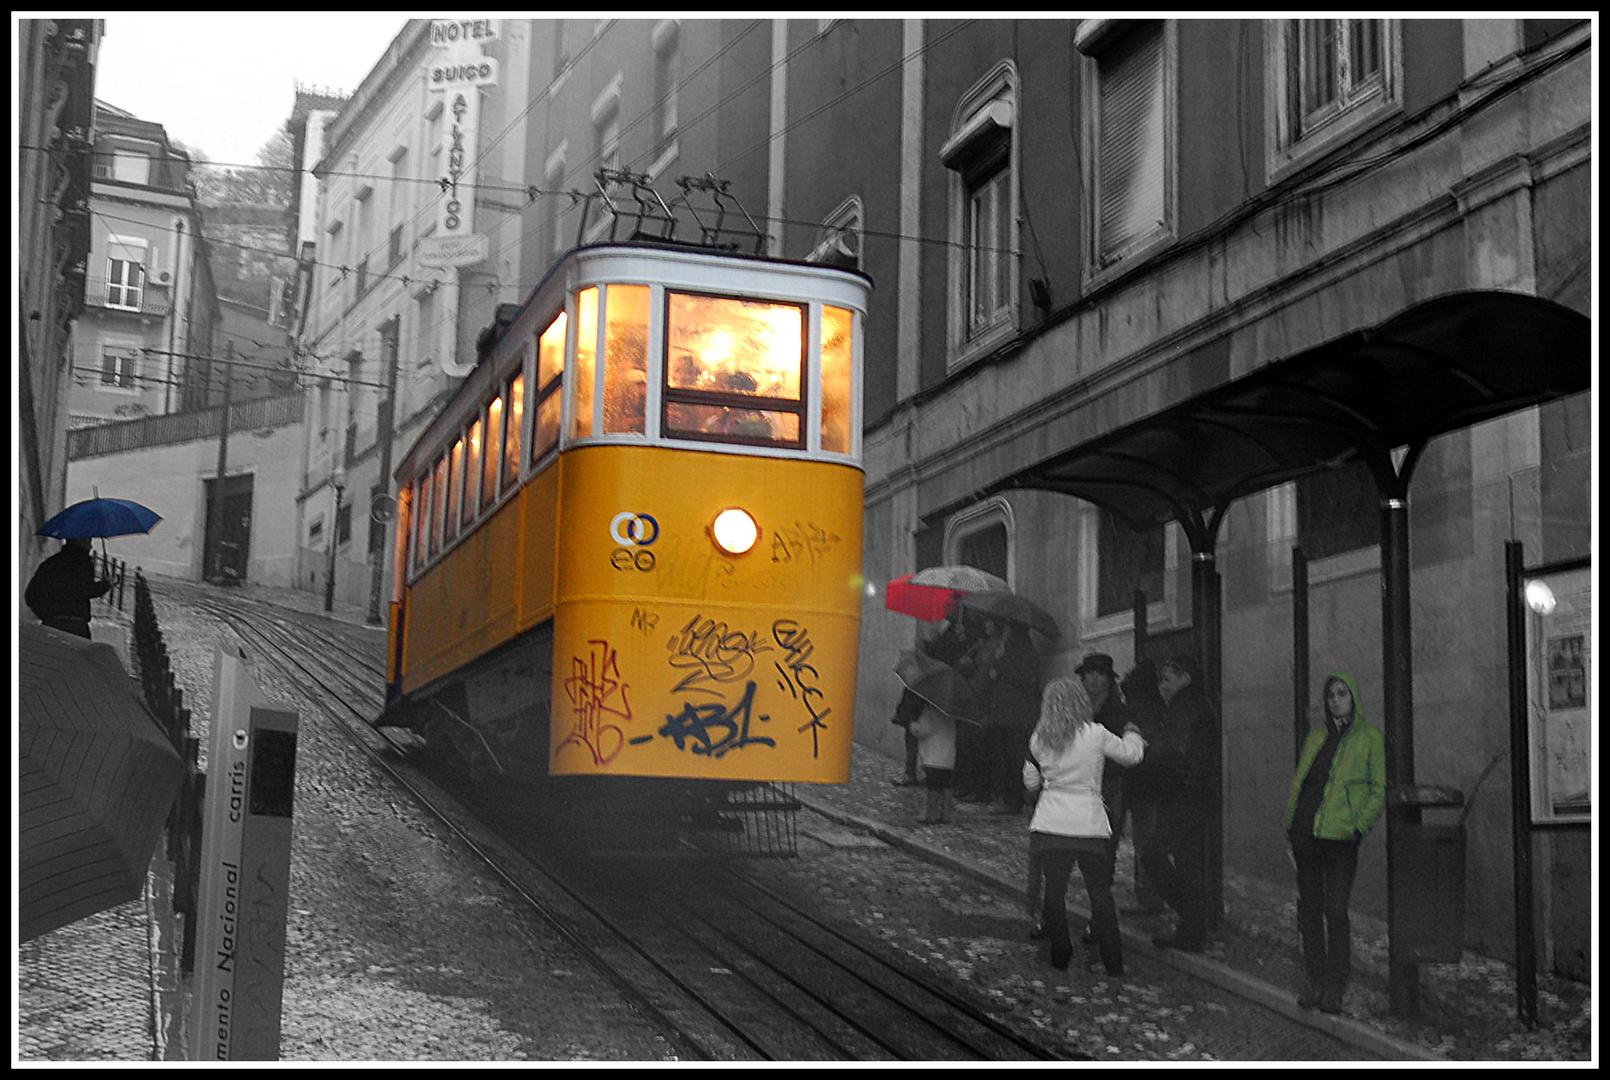 Il pleut sur Lisbonne